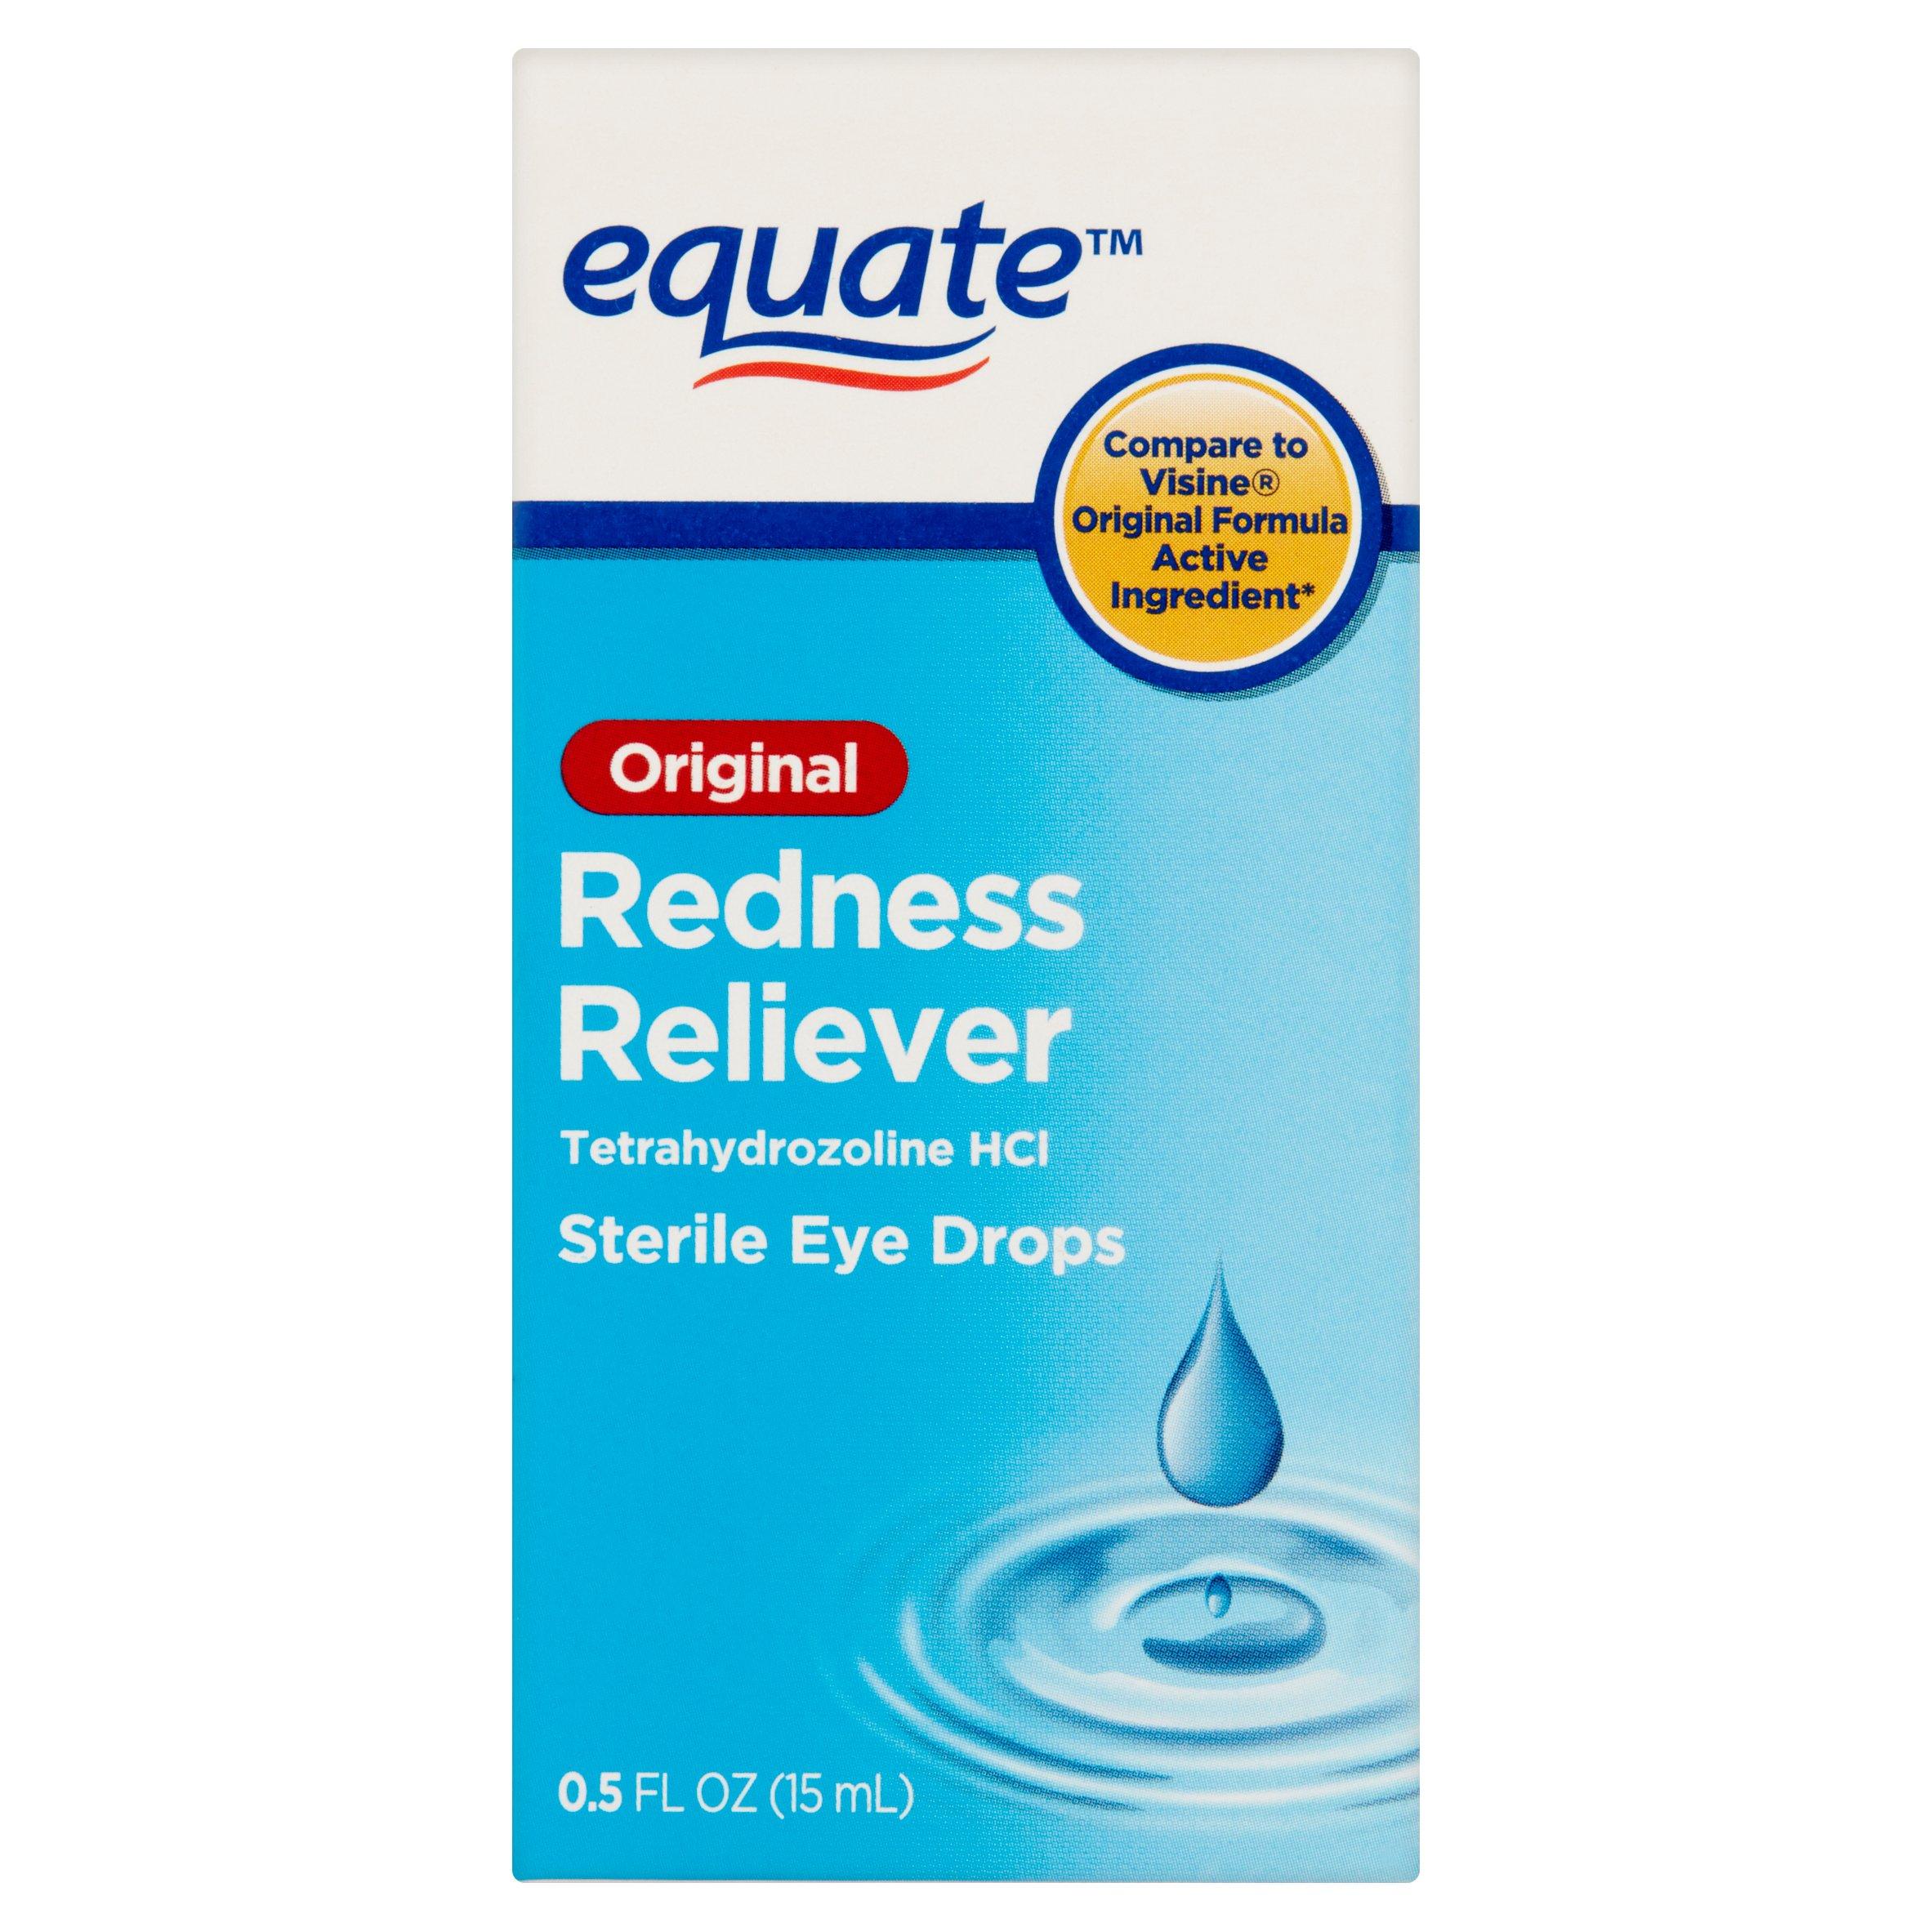 Equate Original Redness Reliever Sterile Eye Drops, 0.5 Oz